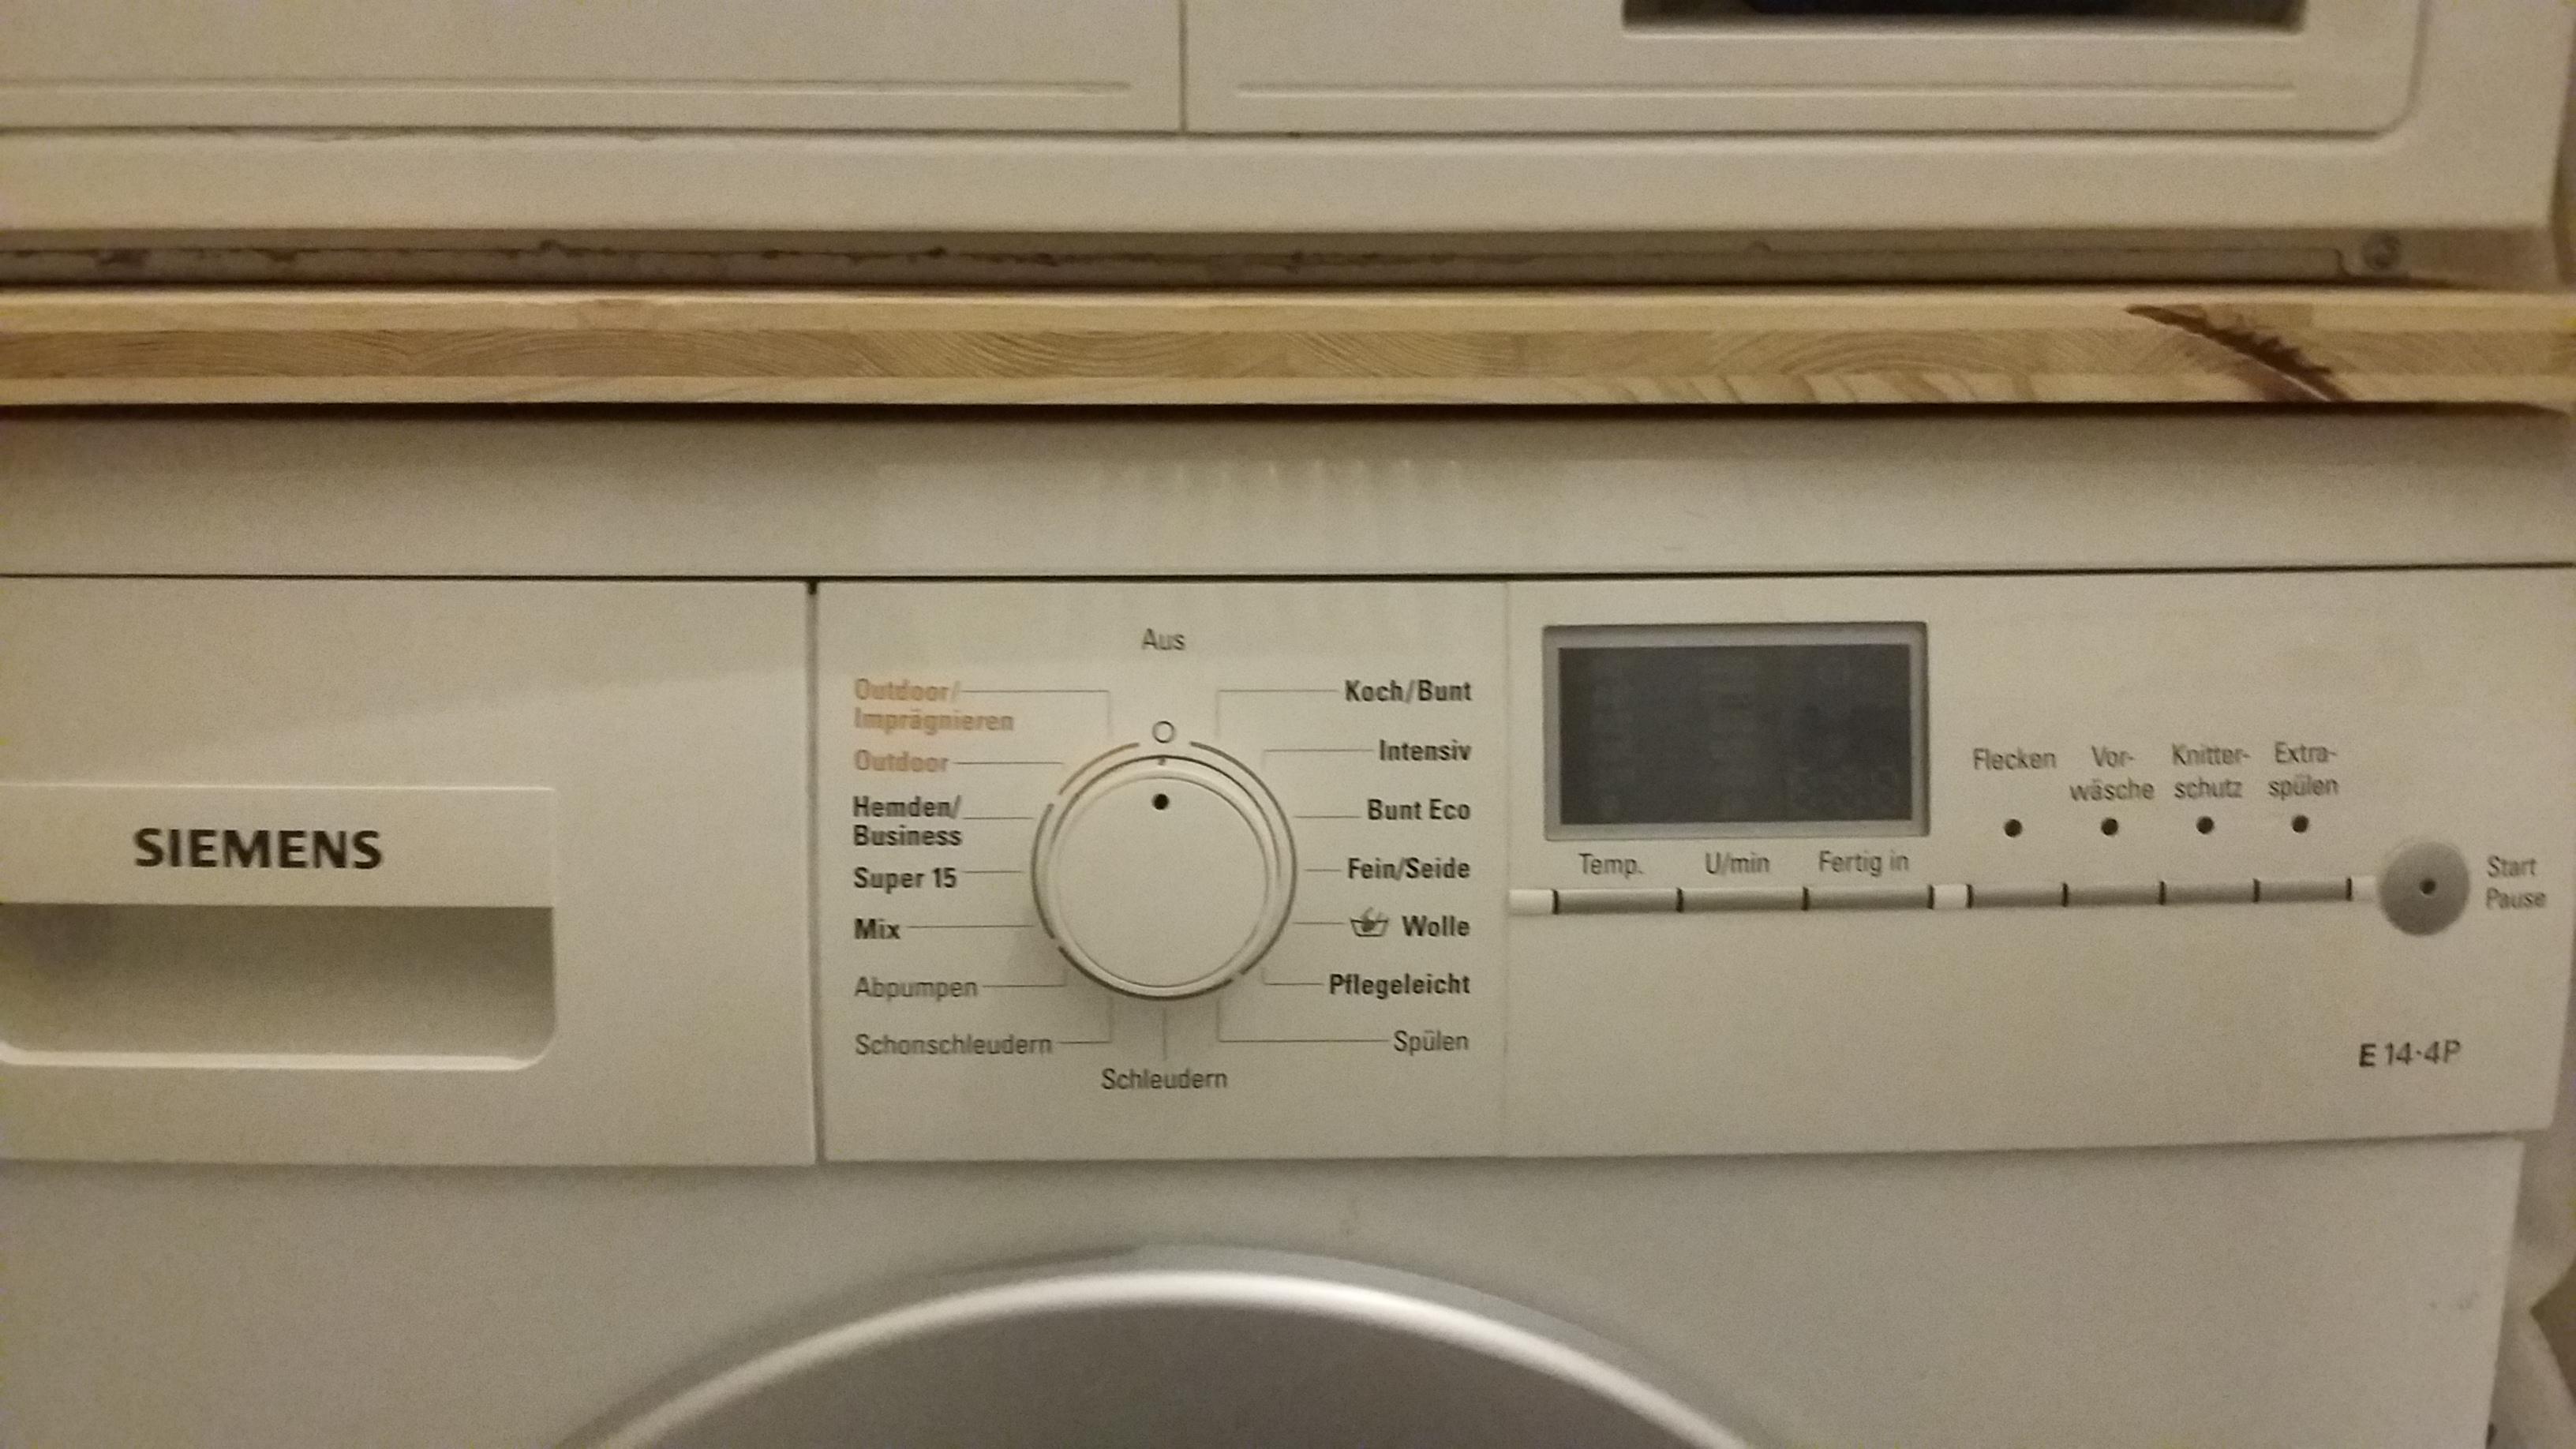 Siemens e p f waschmaschine waschmaschine defekt siemens